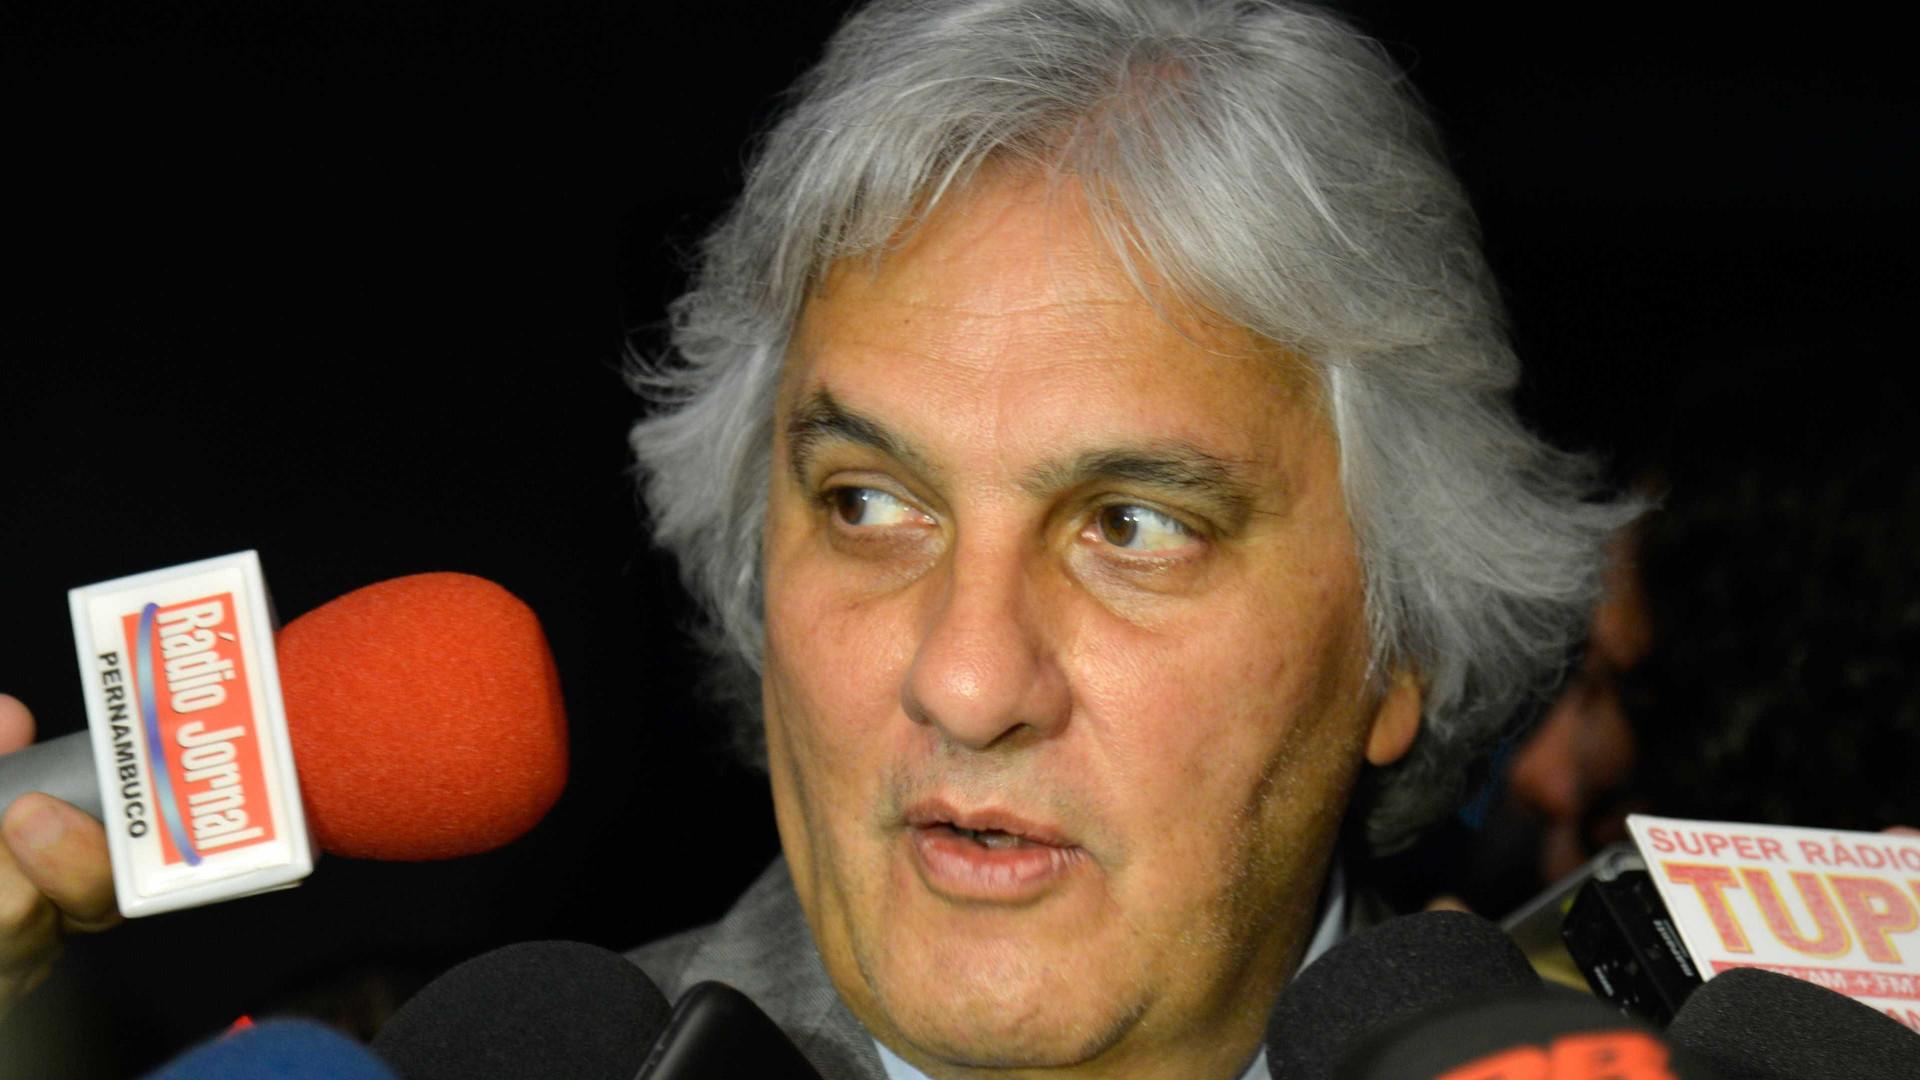 """""""Errei, mas não sou corrupto"""", diz Delcídio"""